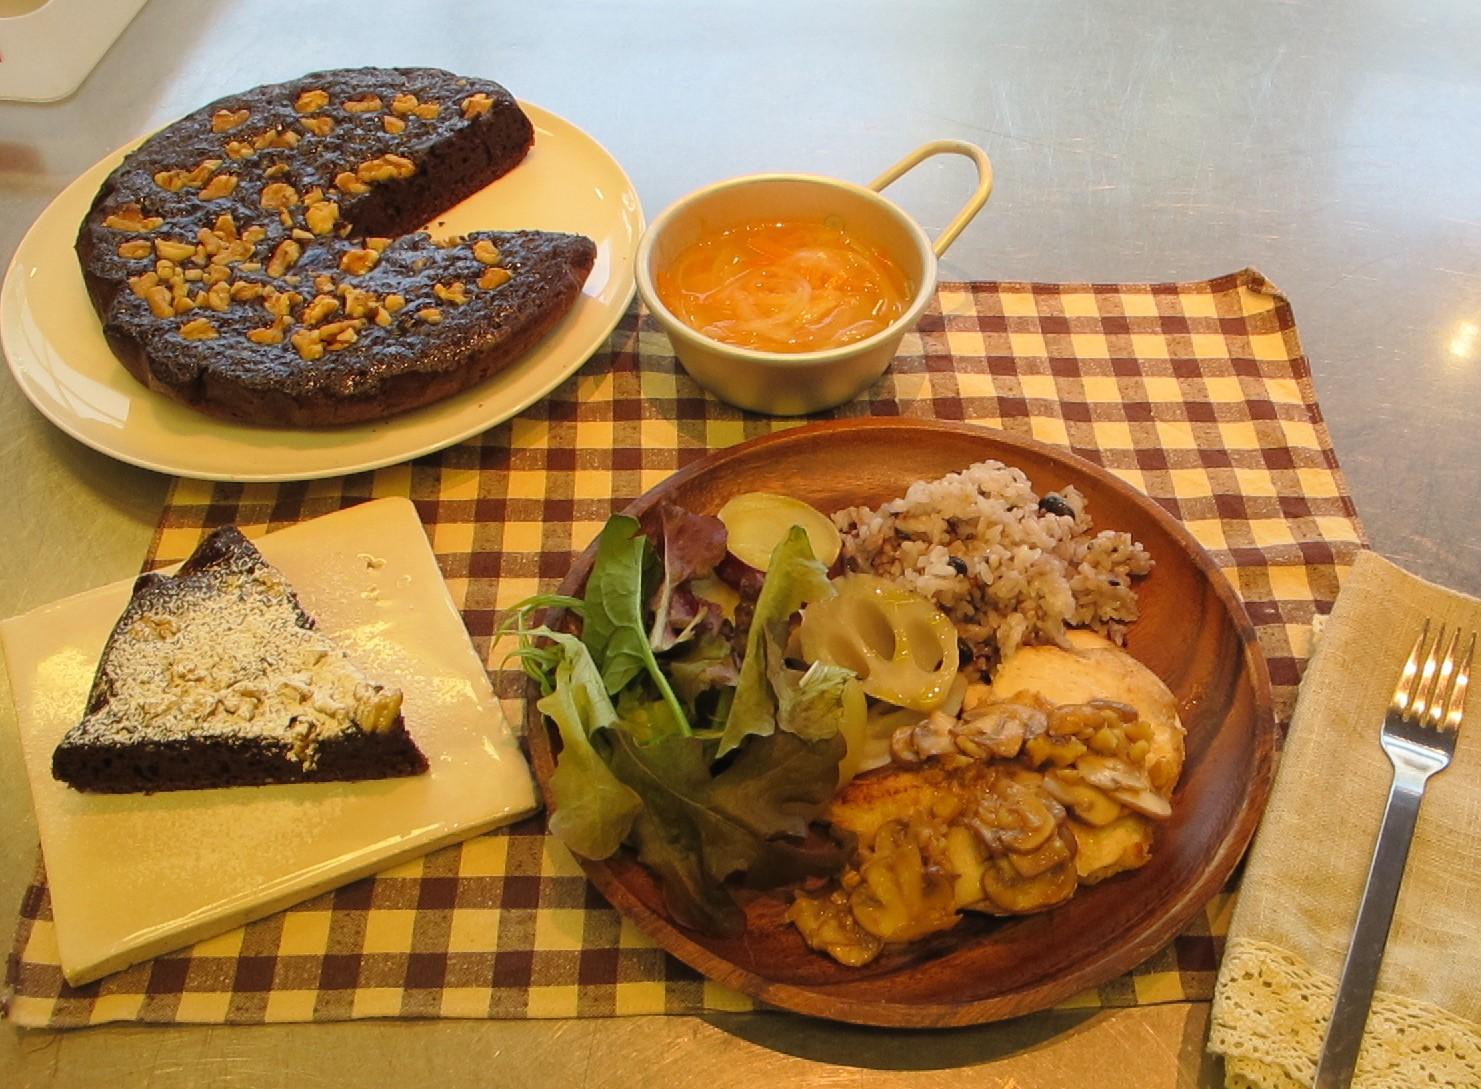 2016冬の料理教室「おうちで楽しむバレンタインディナー」